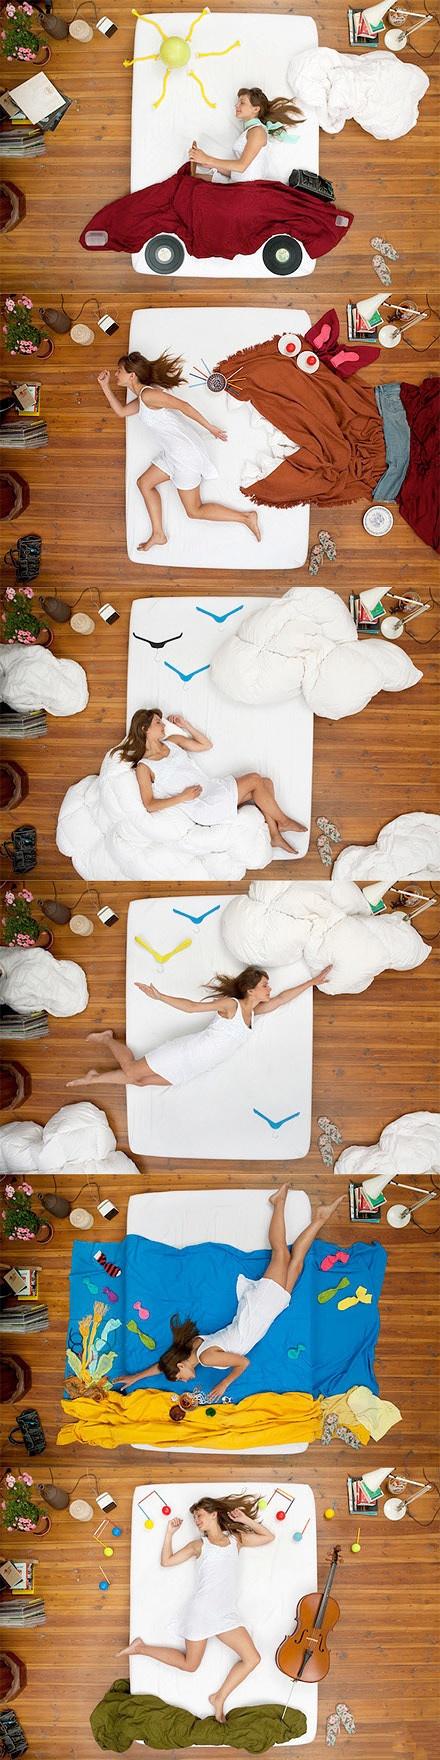 Das Leben braucht  Kreativität,  sogar ein Bett kann viel Spaß machen.